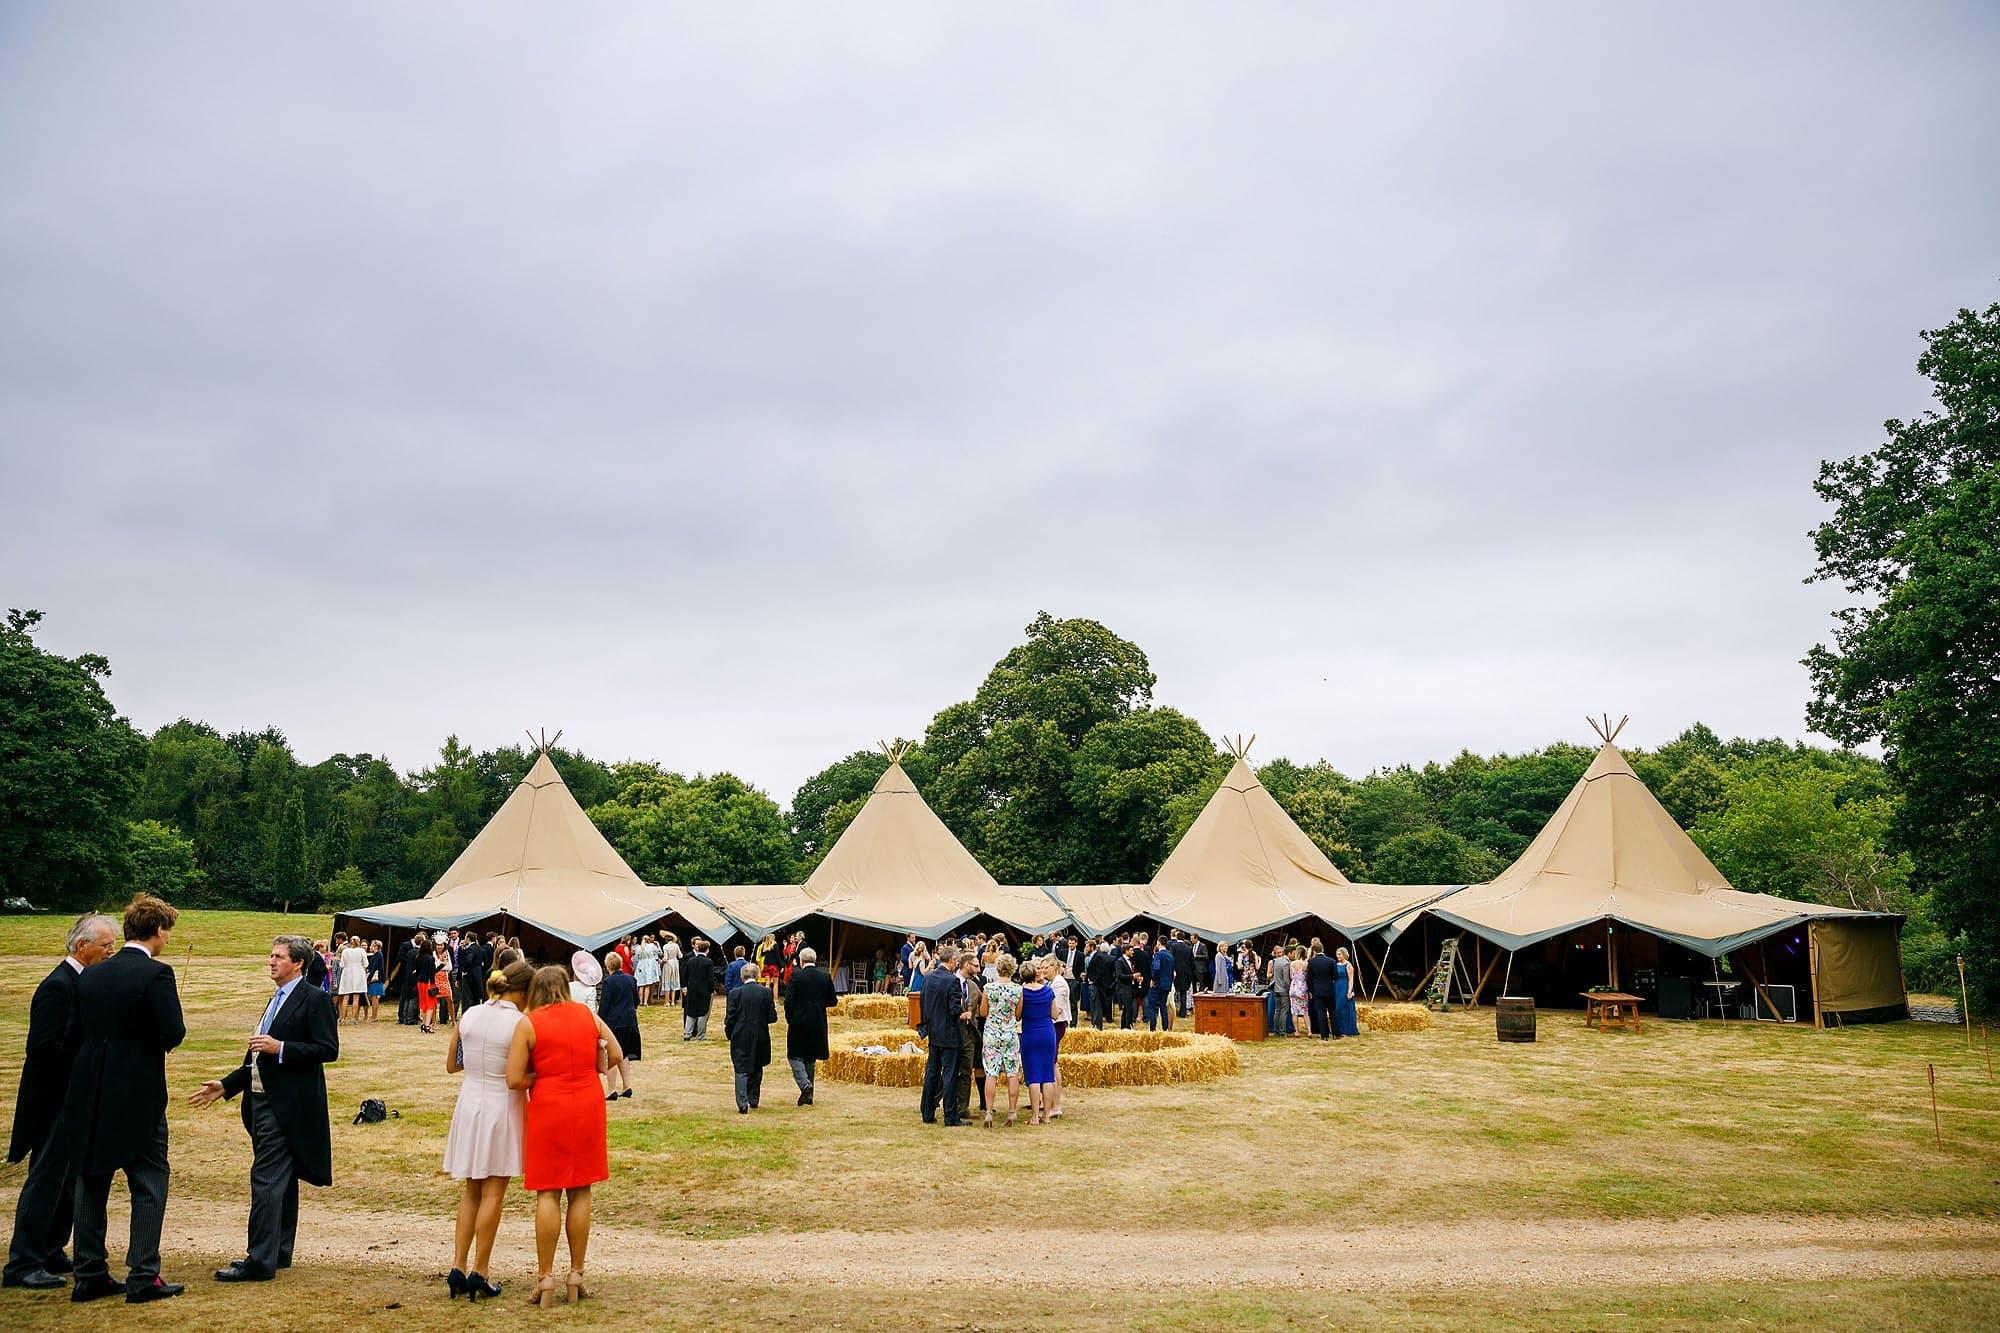 Suffolk teepee wedding